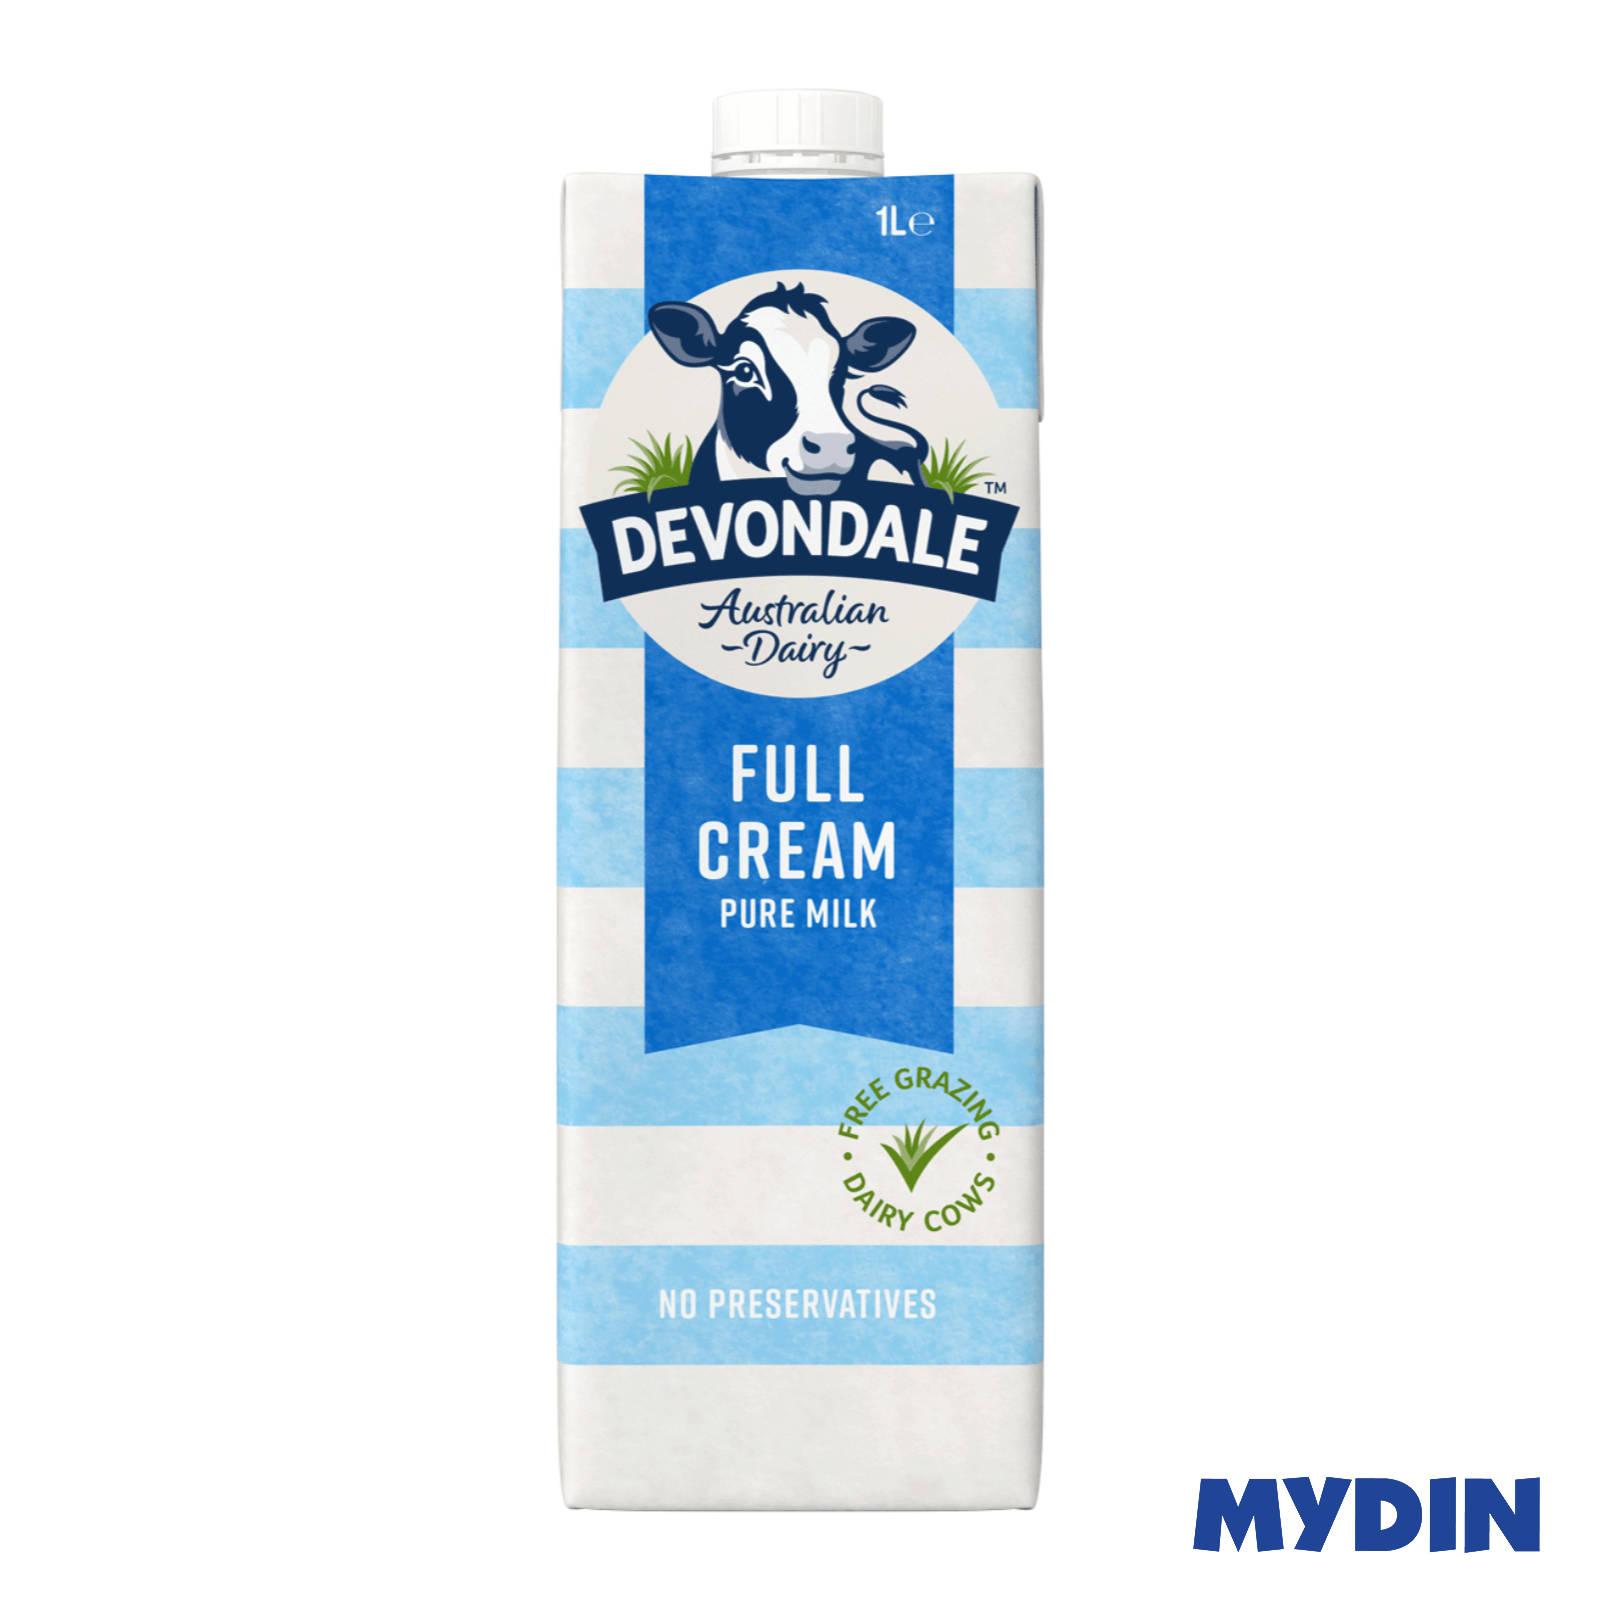 Devondale UHT Full Cream Milk (1L)